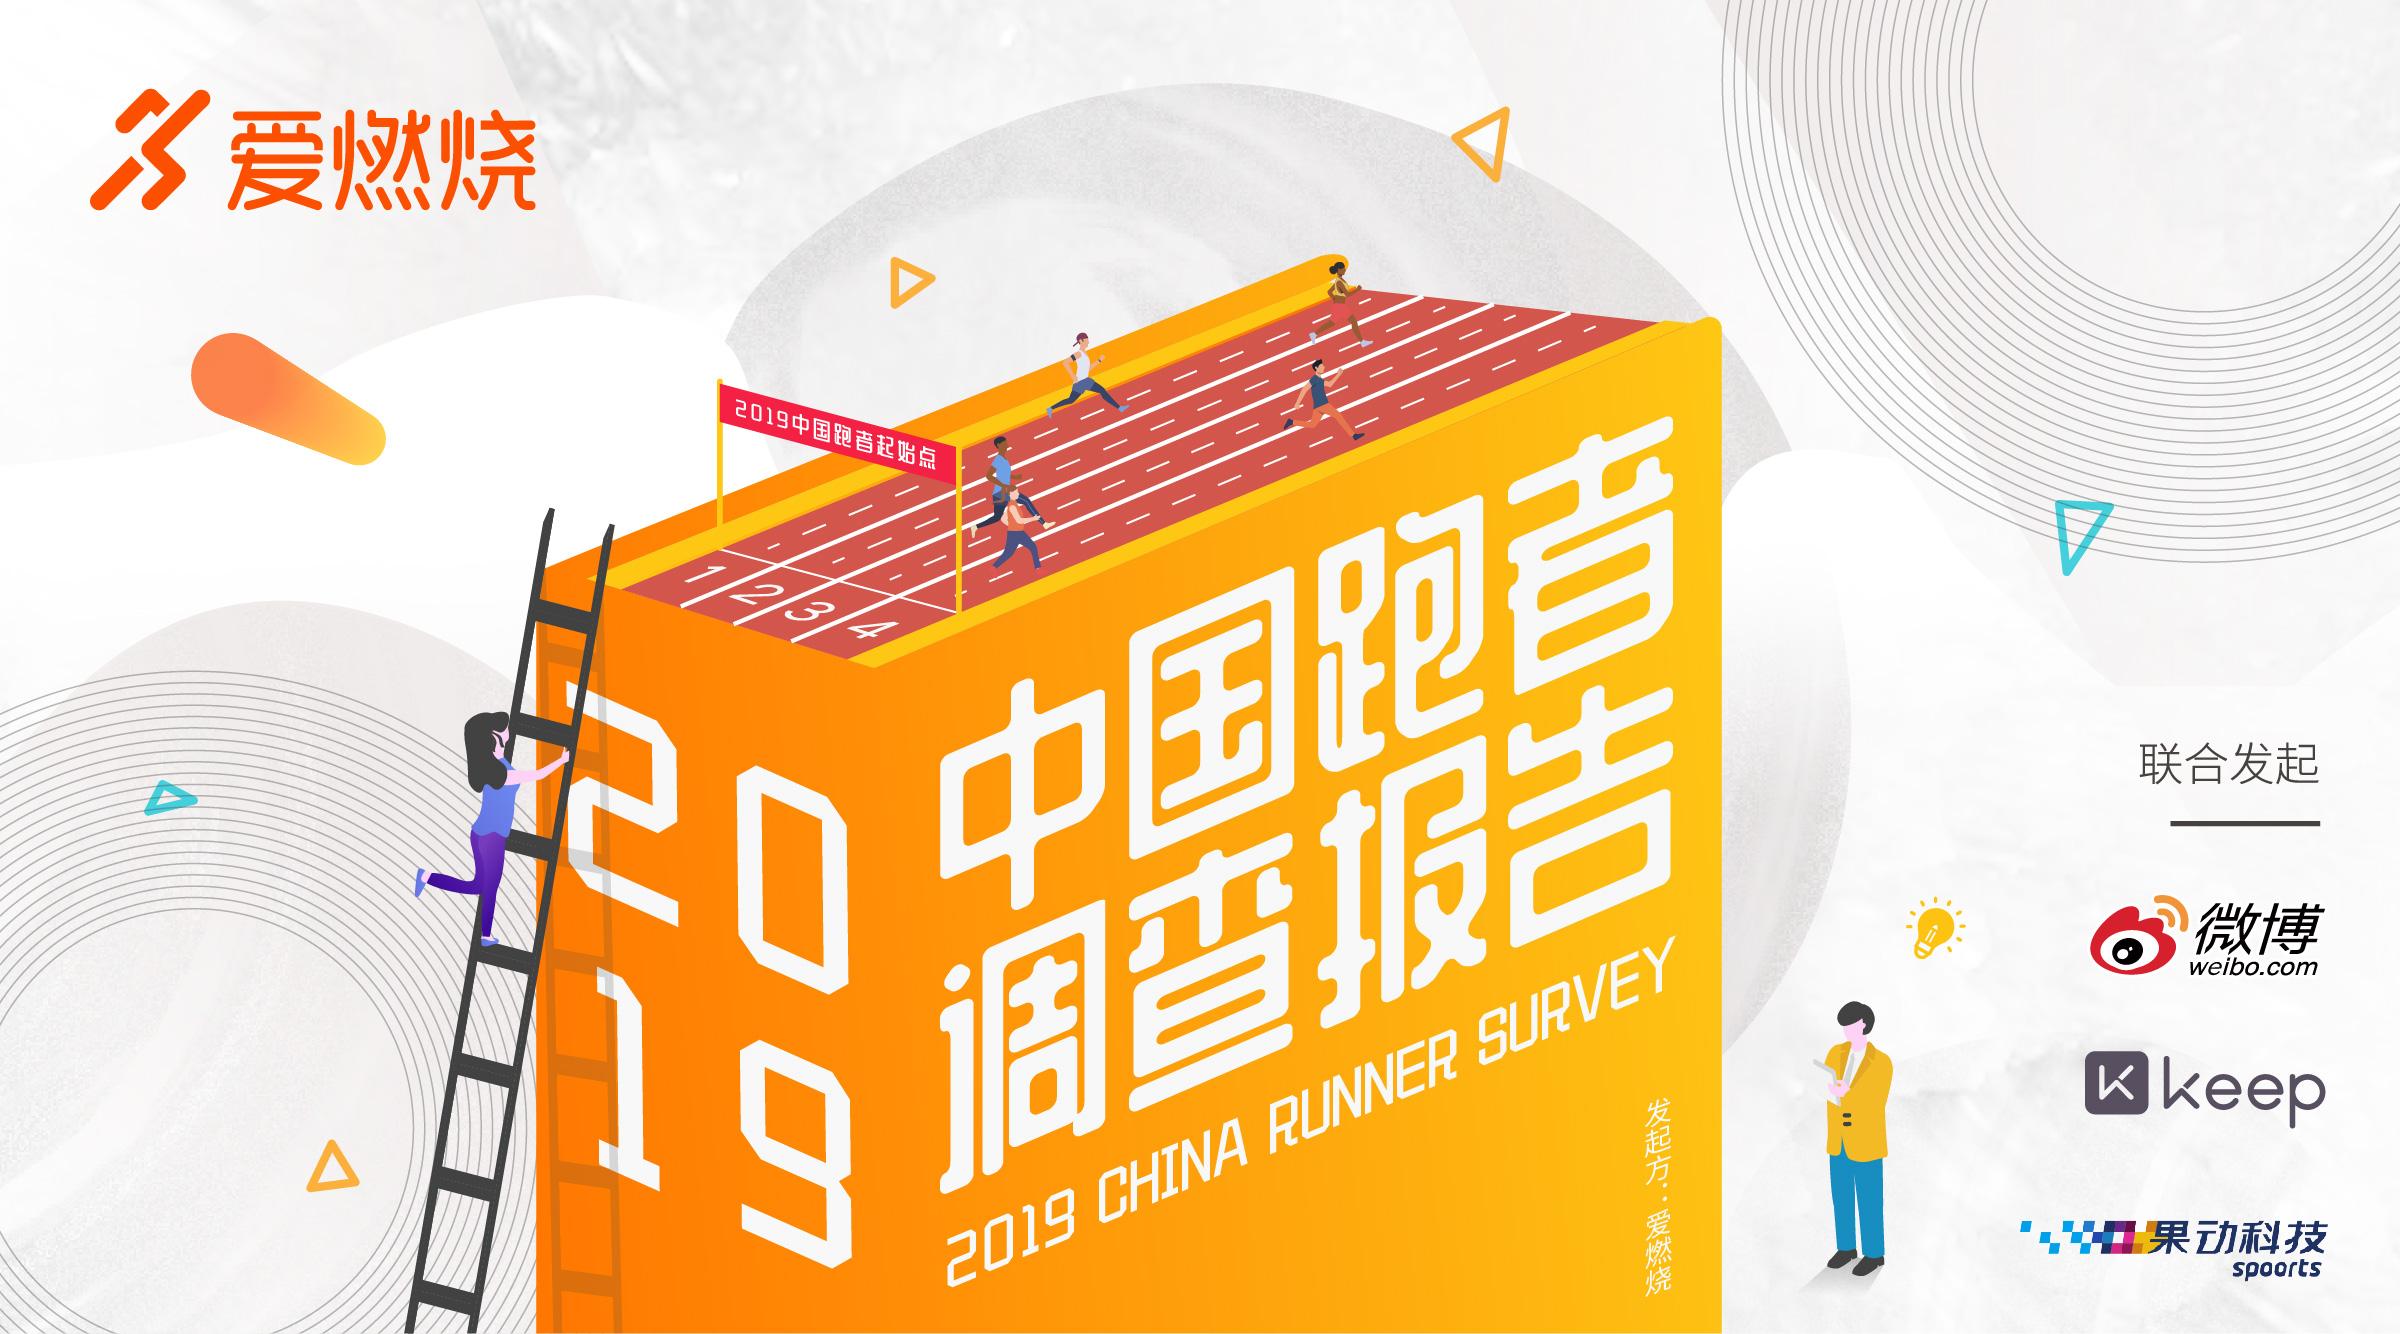 2019中国跑者调查报告(待更新)